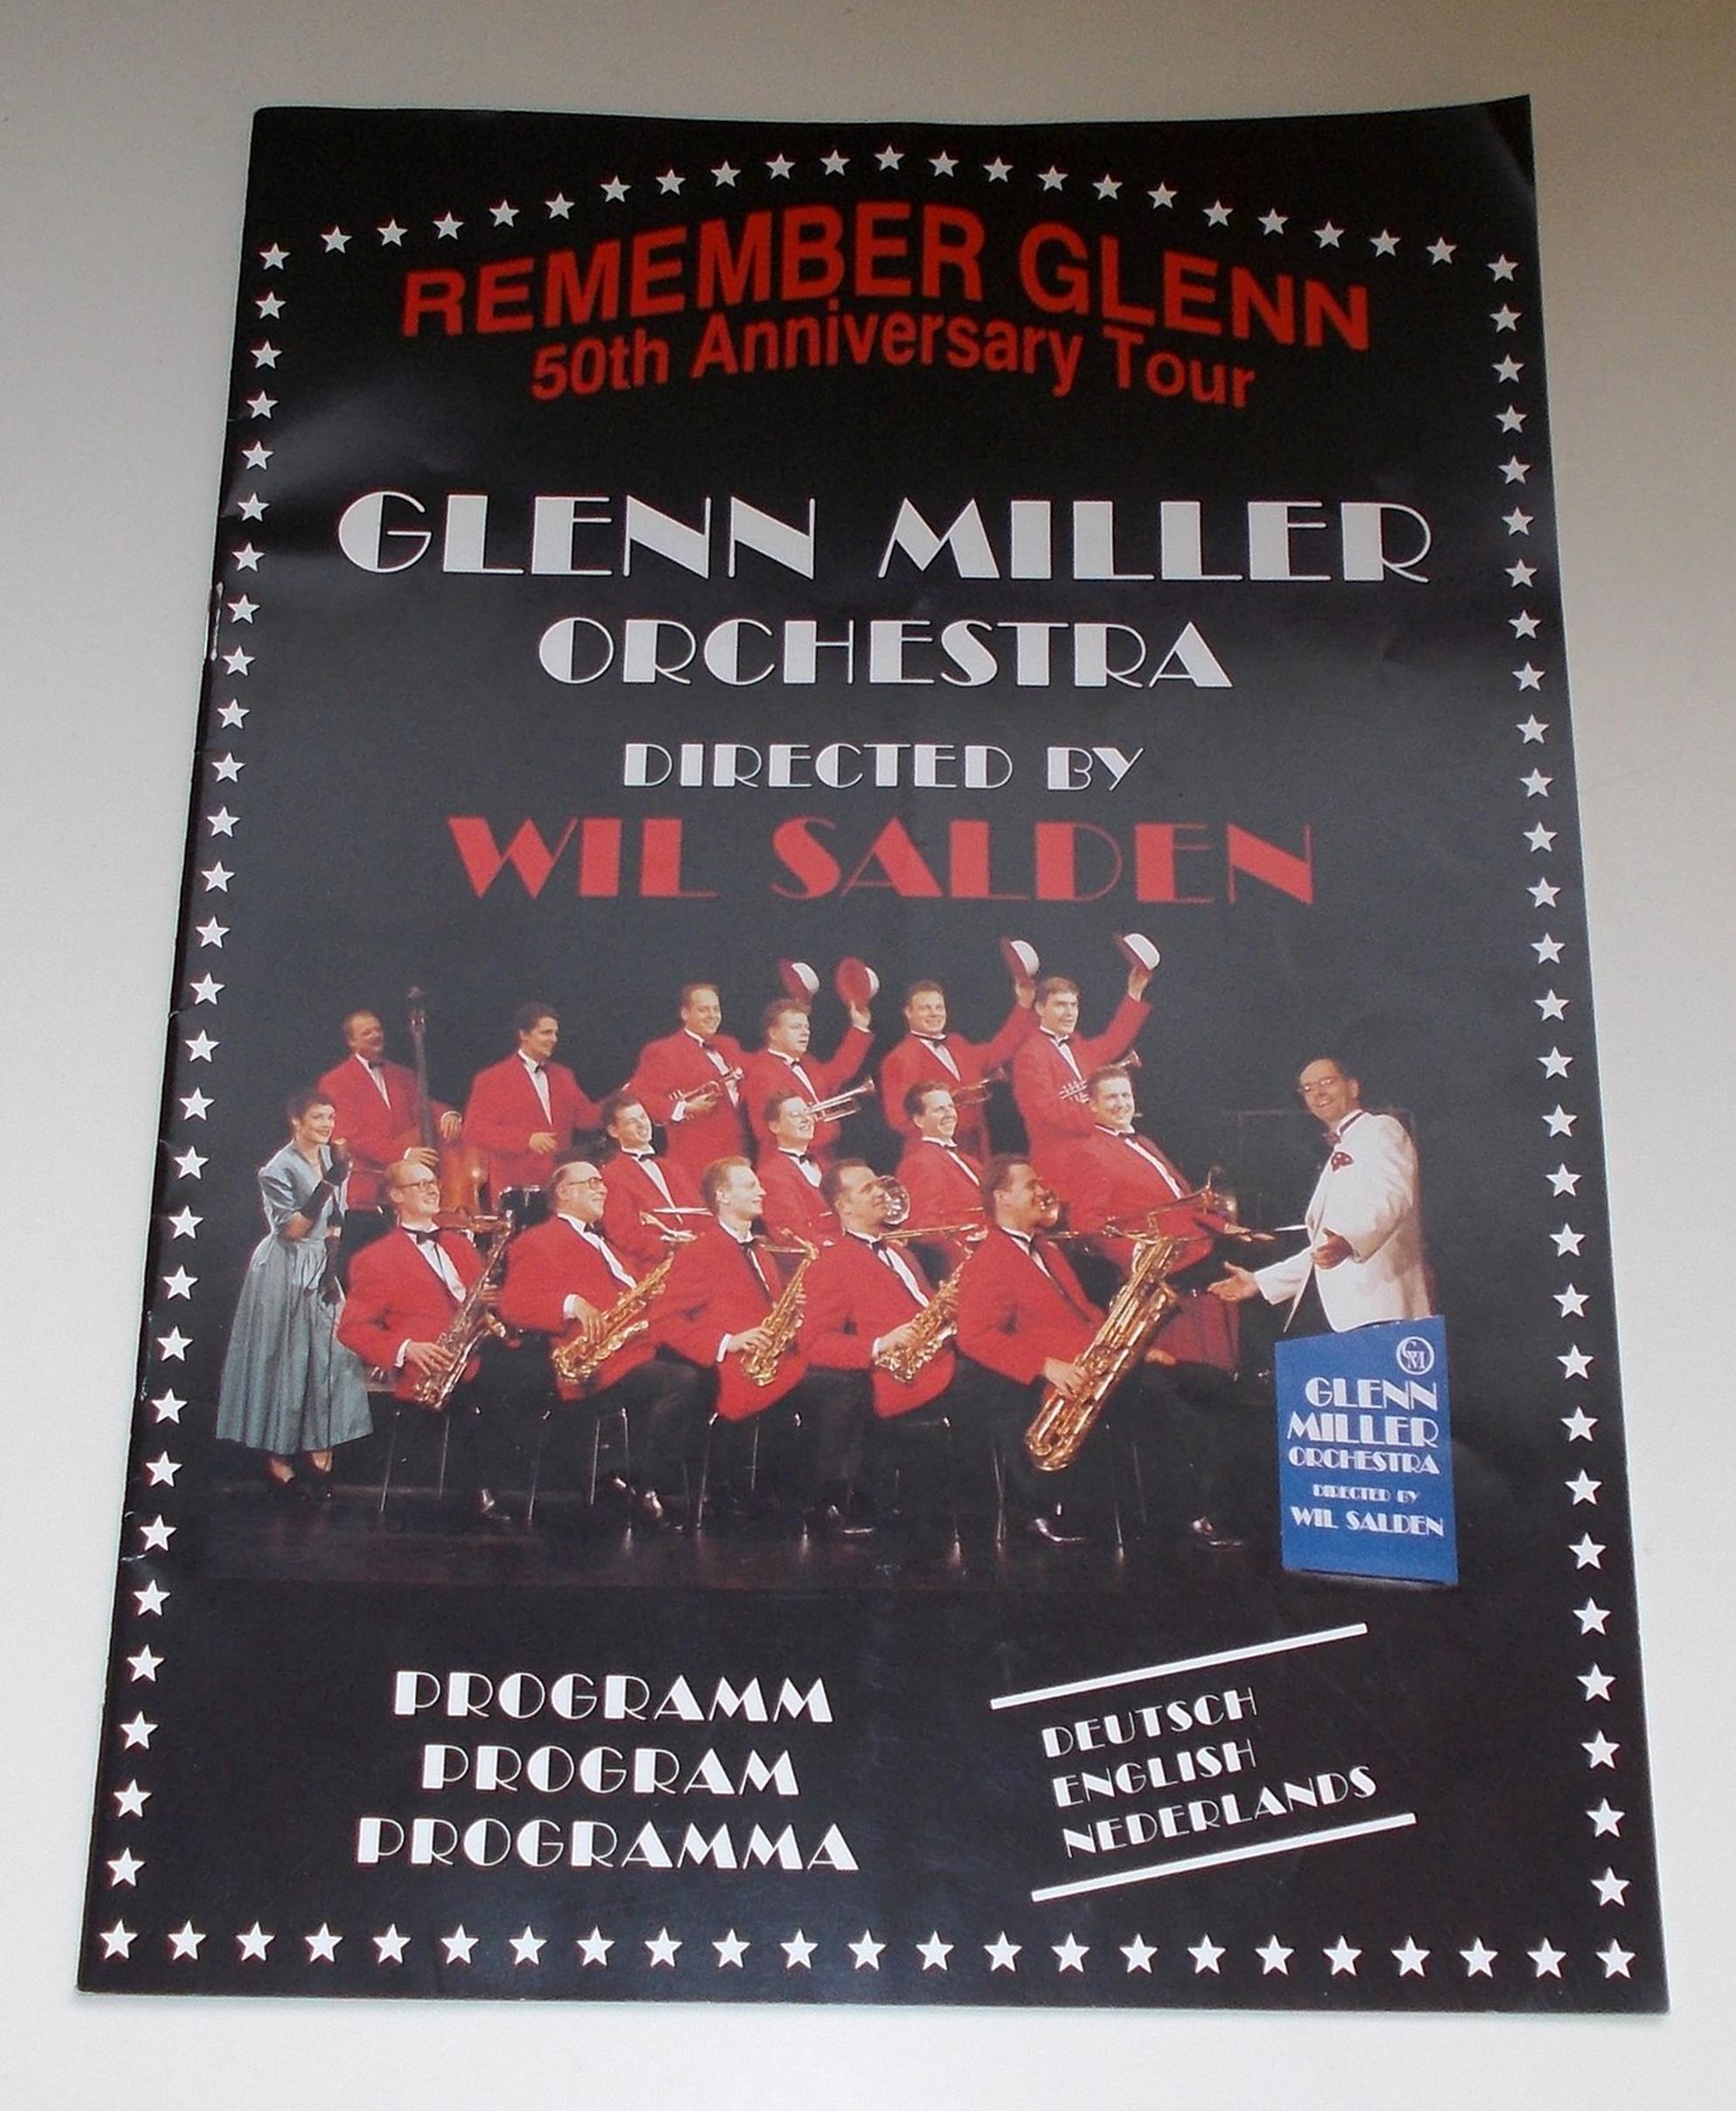 Programmheft Glenn Miller Orchestra Remember Glenn 50th. Anniversary Tour